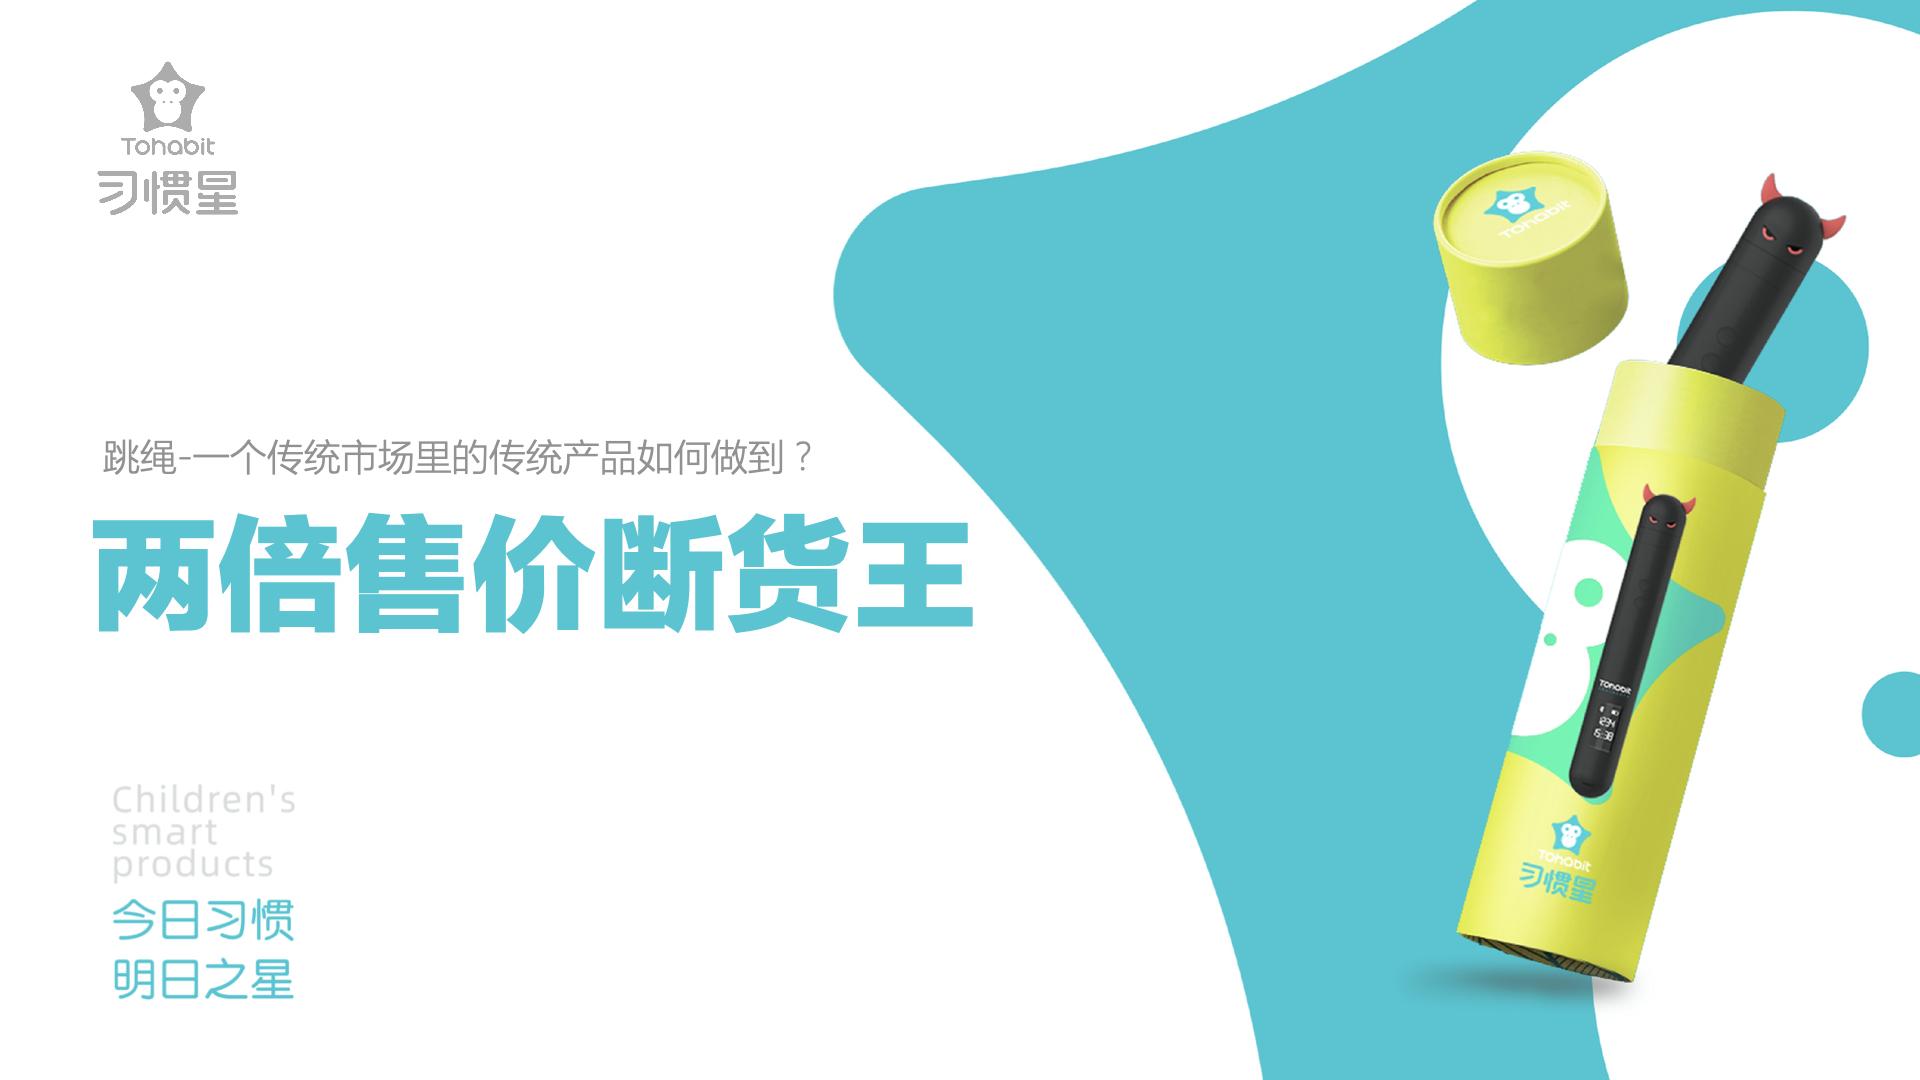 【公司-企业介绍】达岸品牌营销机构20200526.032